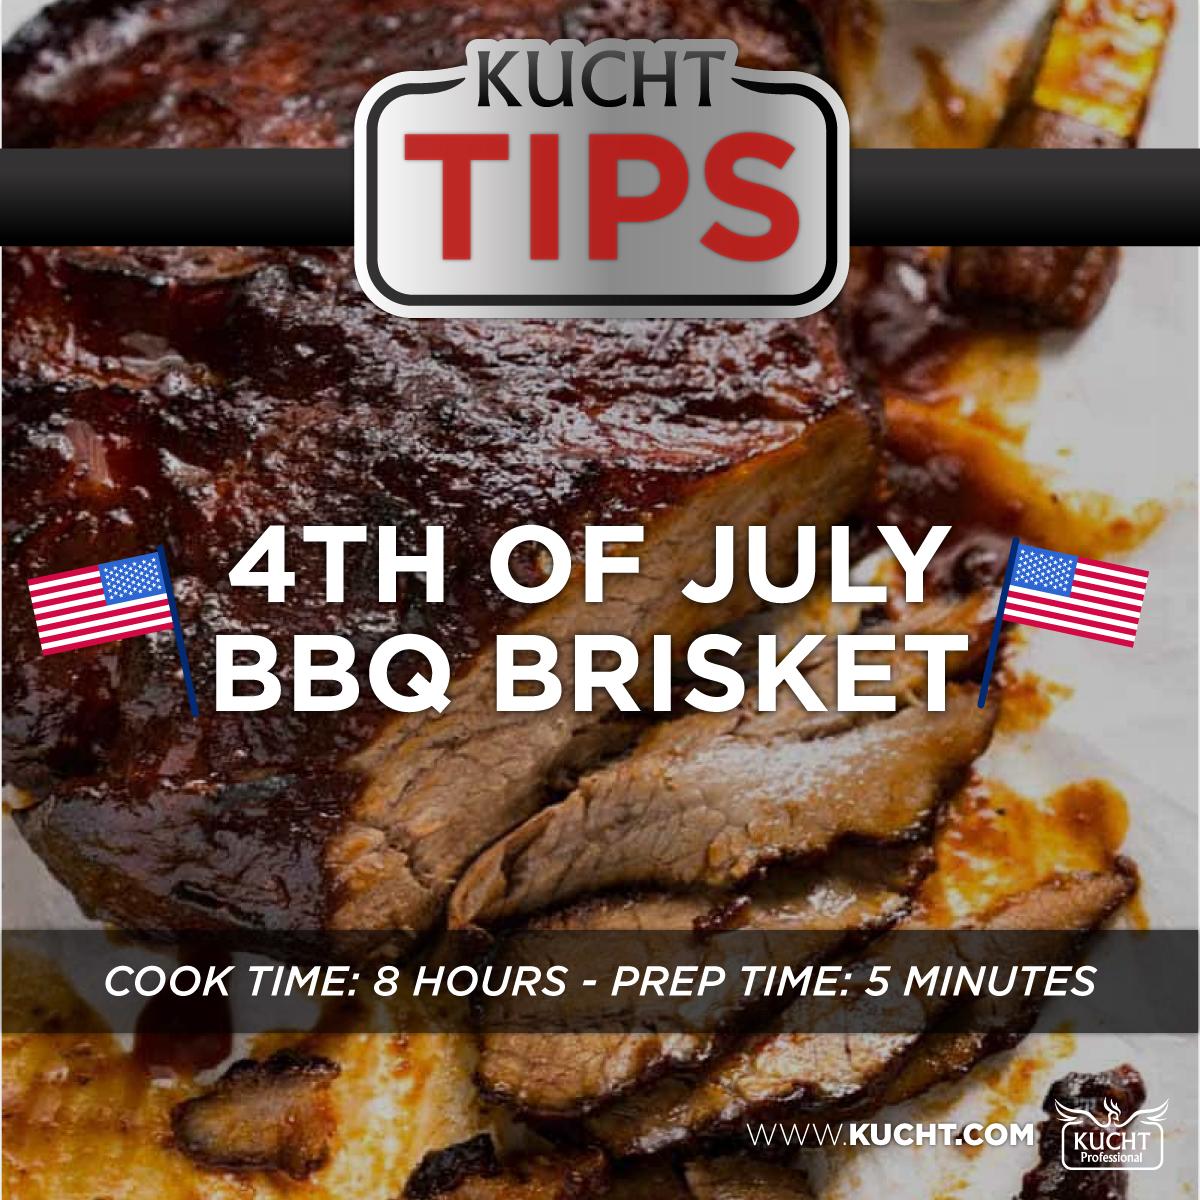 BBQ 4TH JULY 01 - RECIPES